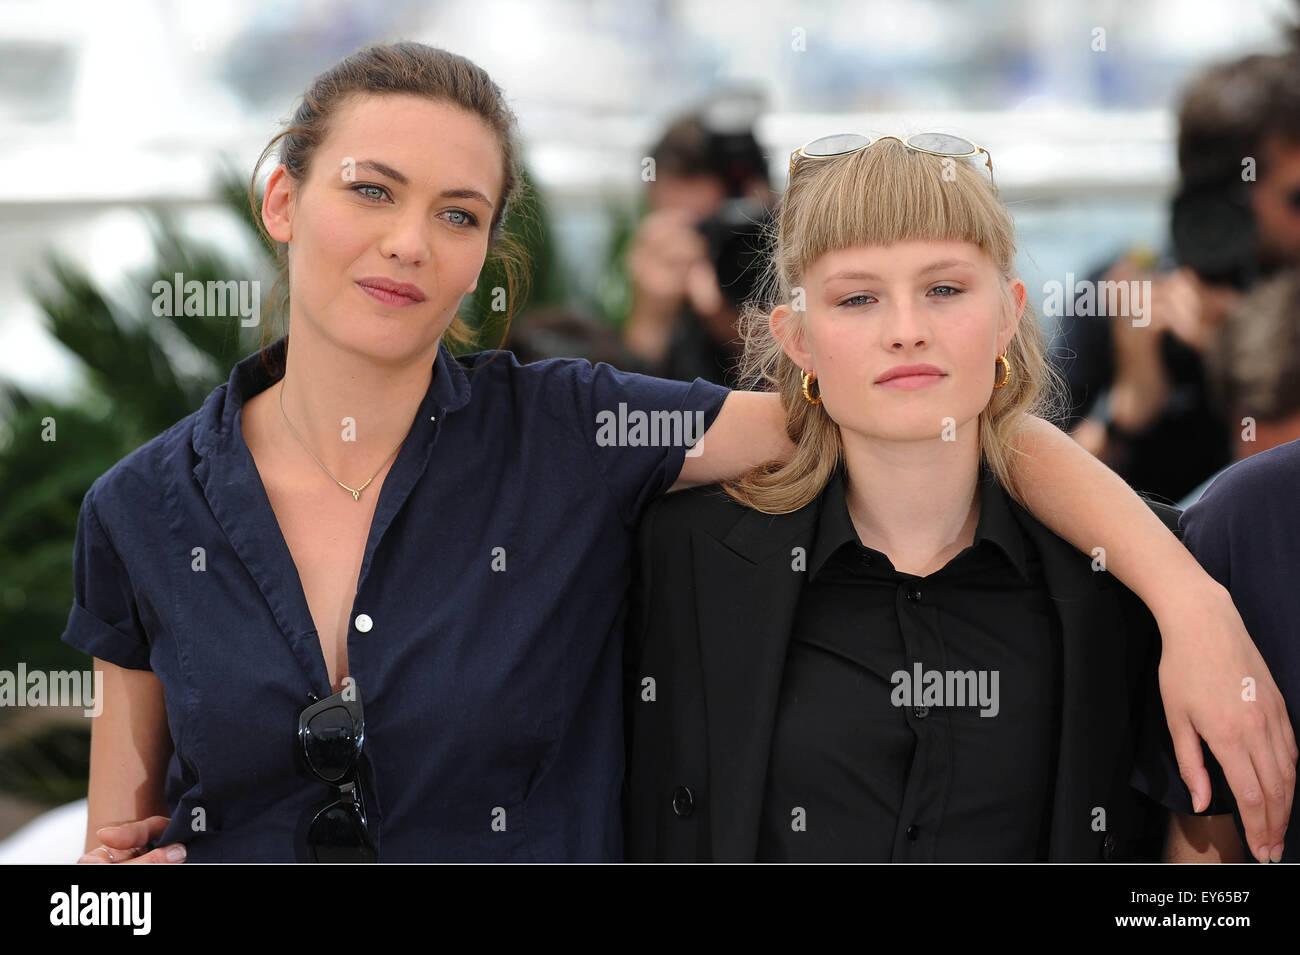 Age klara kristin Actresses who